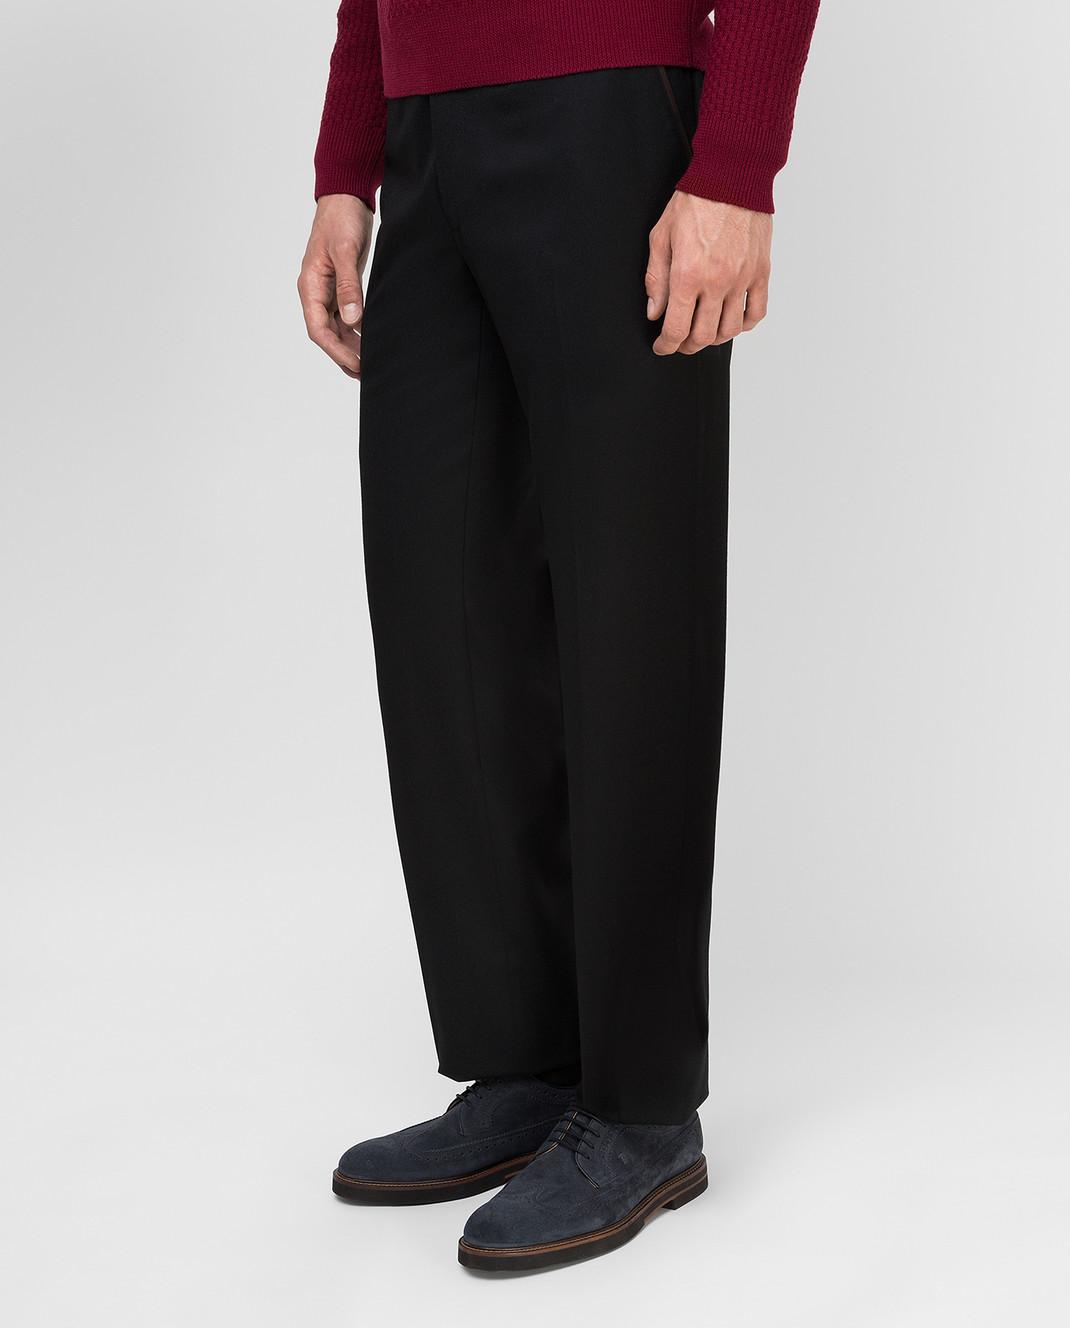 Castello d'Oro Черные брюки из шерсти изображение 3